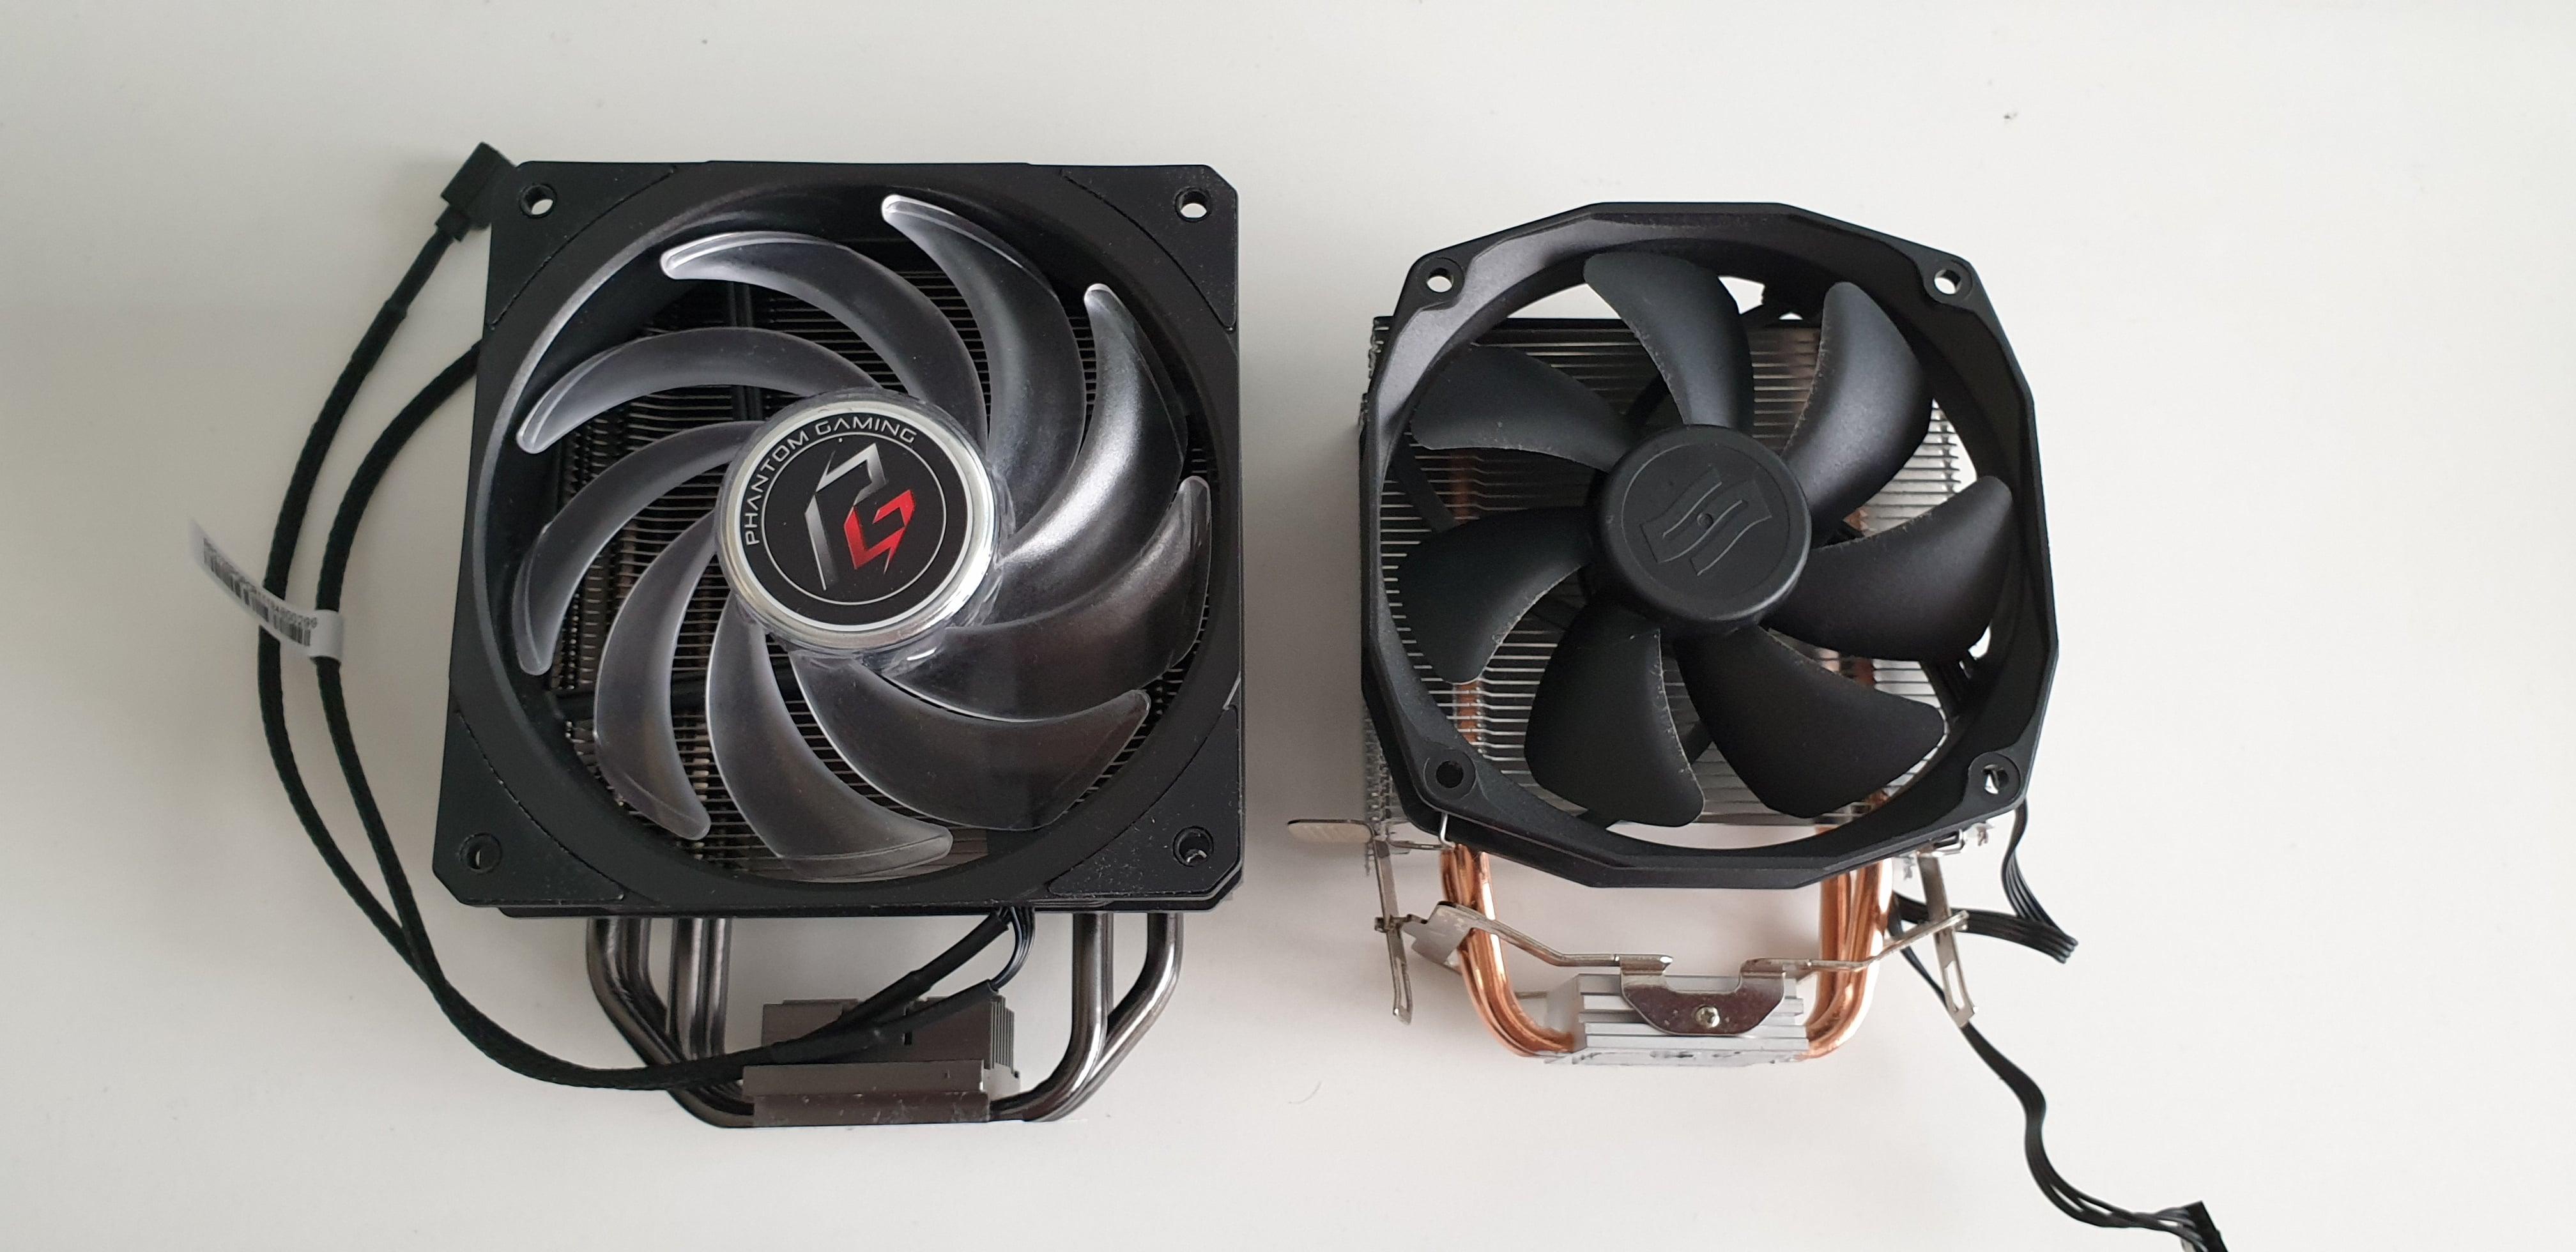 Testujemy cooler dla CPU - Cooler Master Hyper 212 RGB Phantom Gaming Edition. Warto? 30